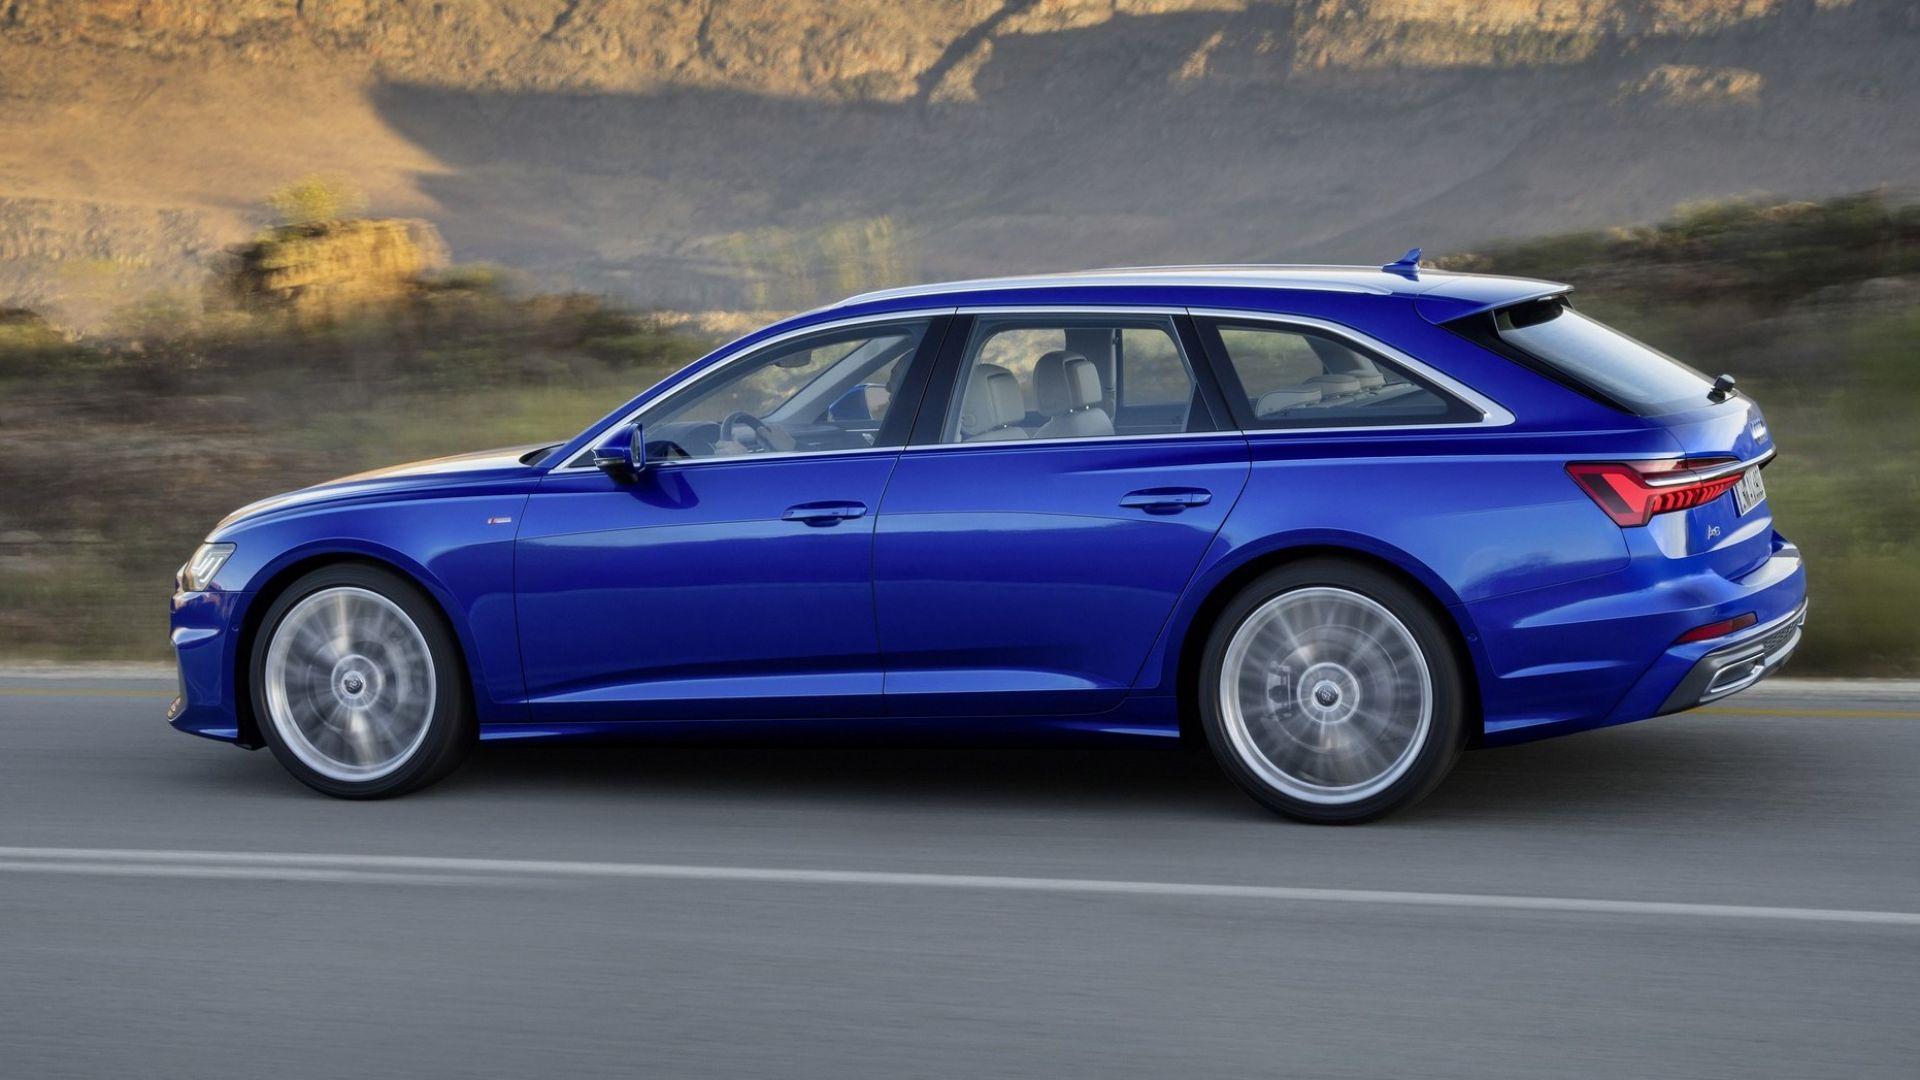 Audi A6 Avant 2018 Tutte Le Foto E News Motori Prezzo